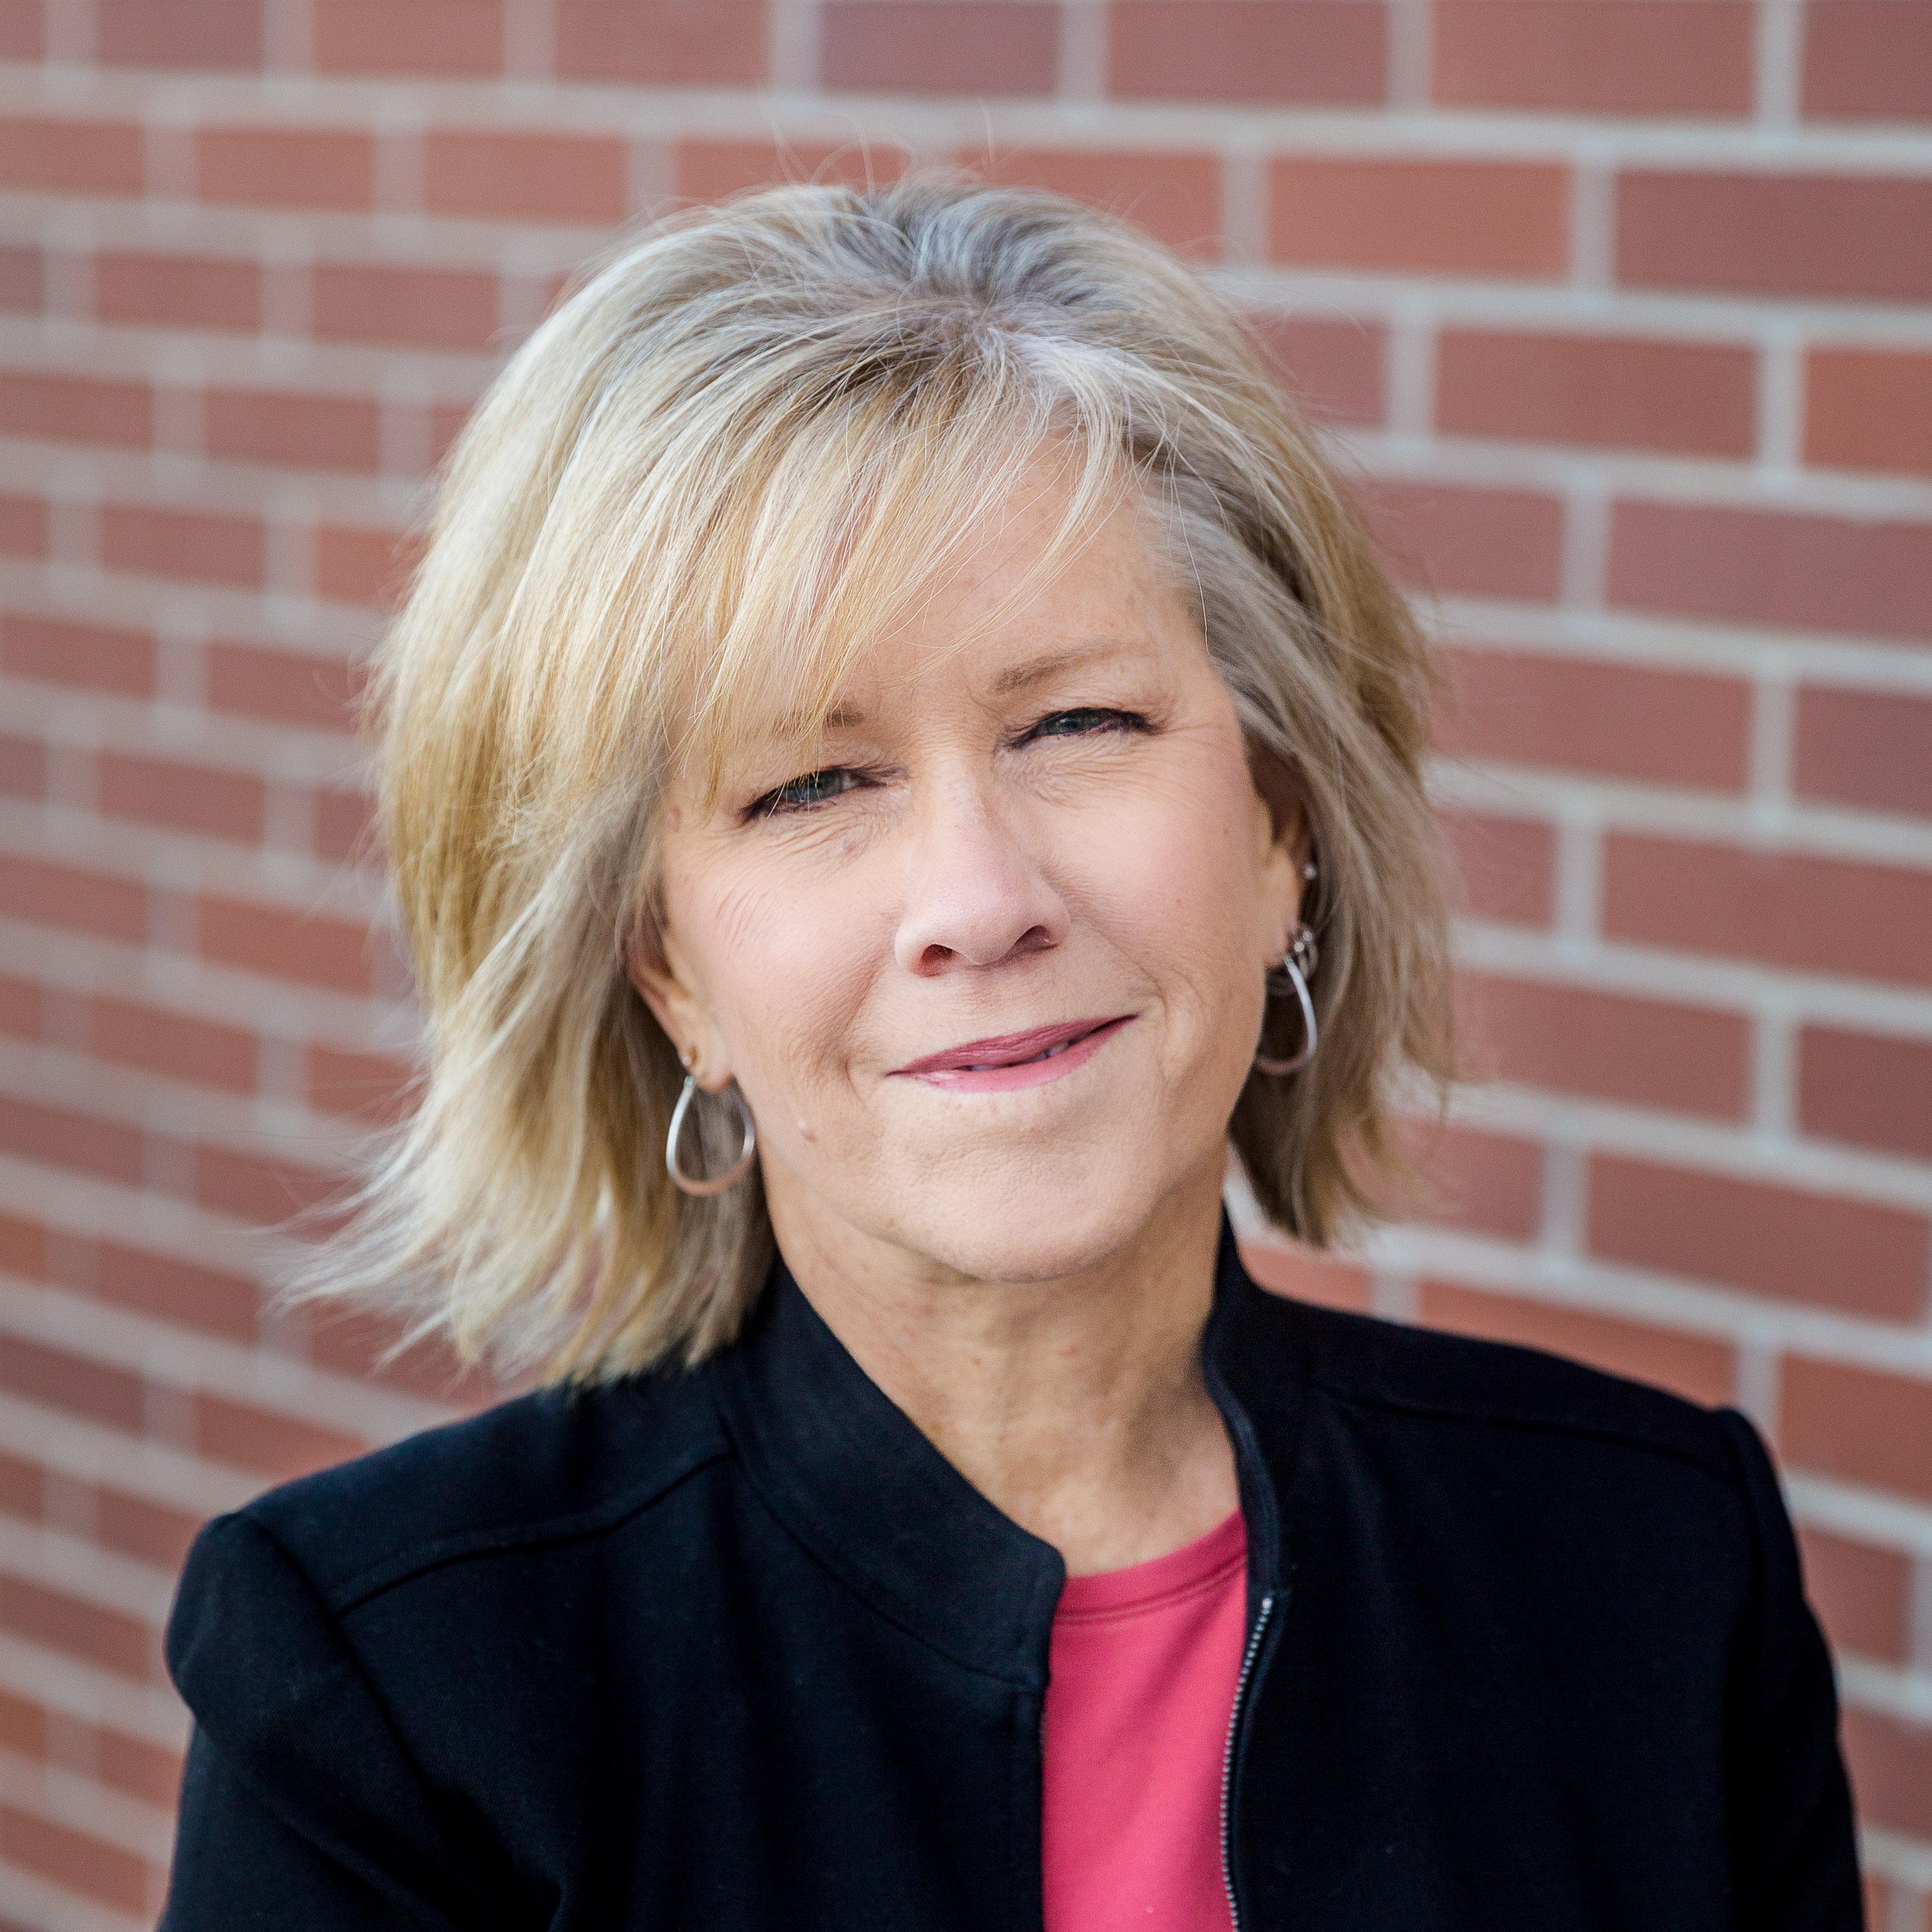 Sue Emond